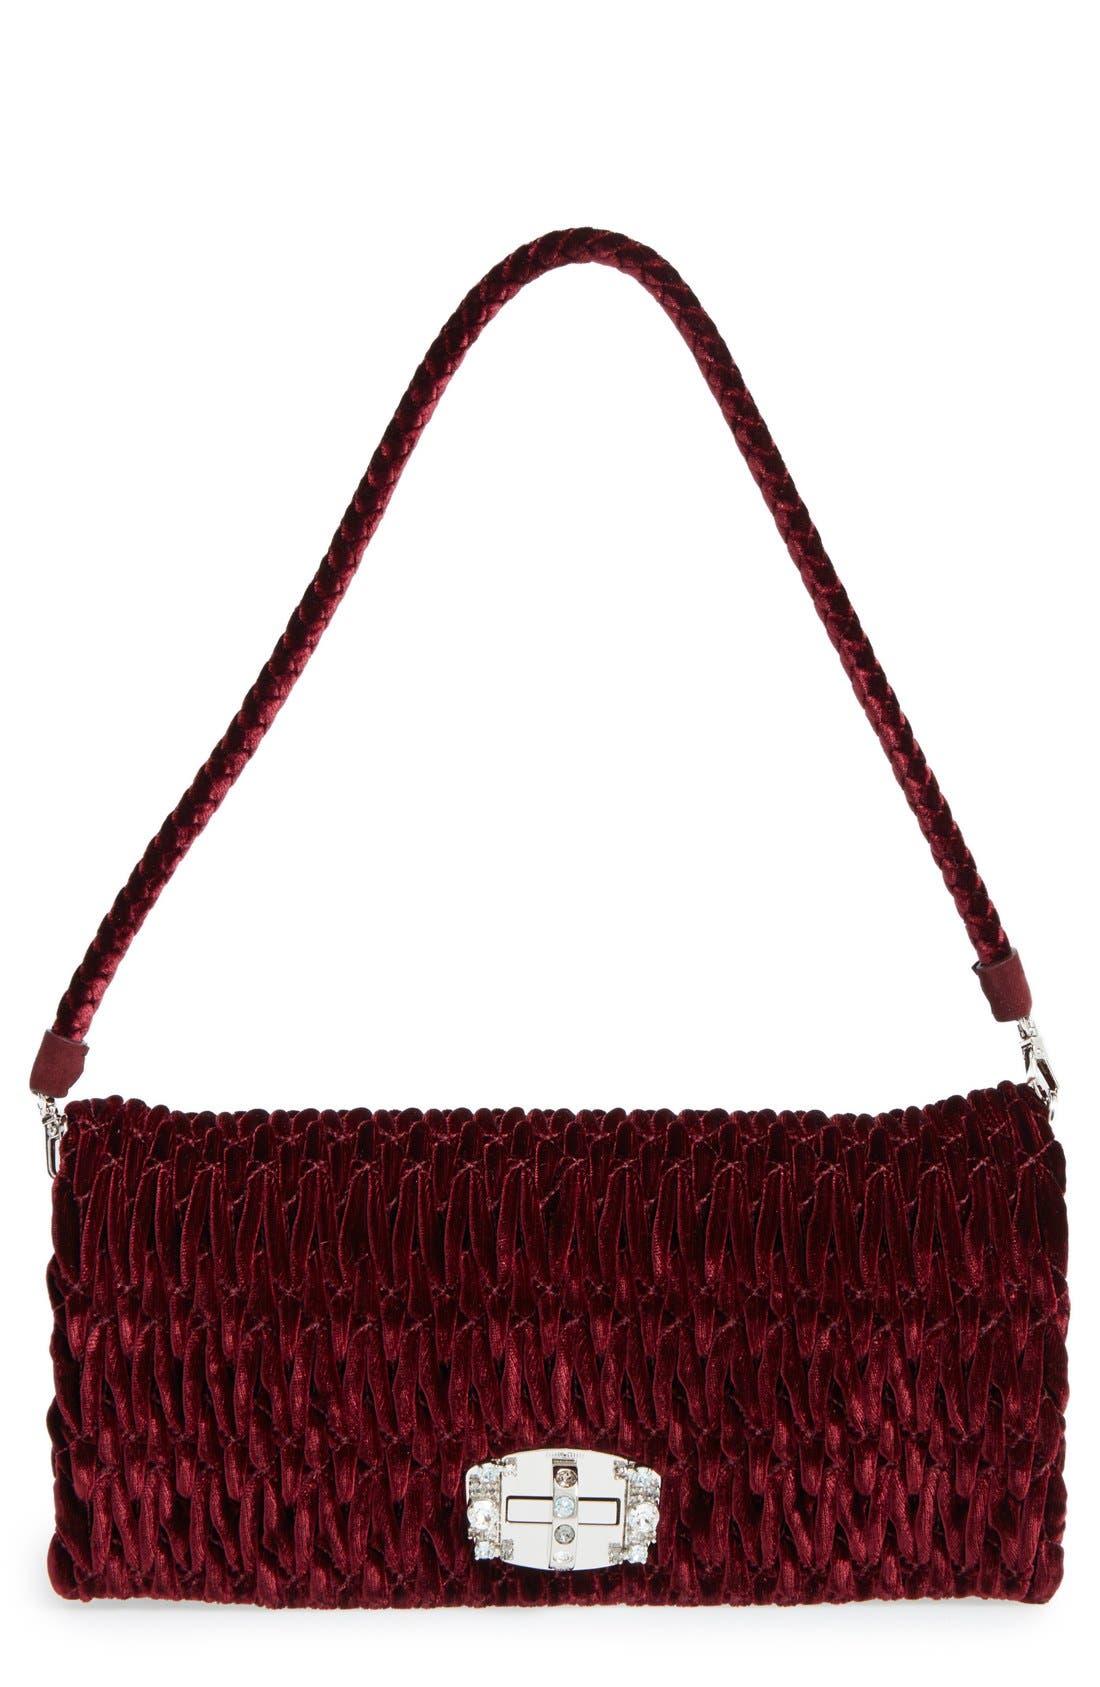 Medium Crystal Embellished Quilted Velvet Shoulder Bag,                             Main thumbnail 1, color,                             Bordeaux